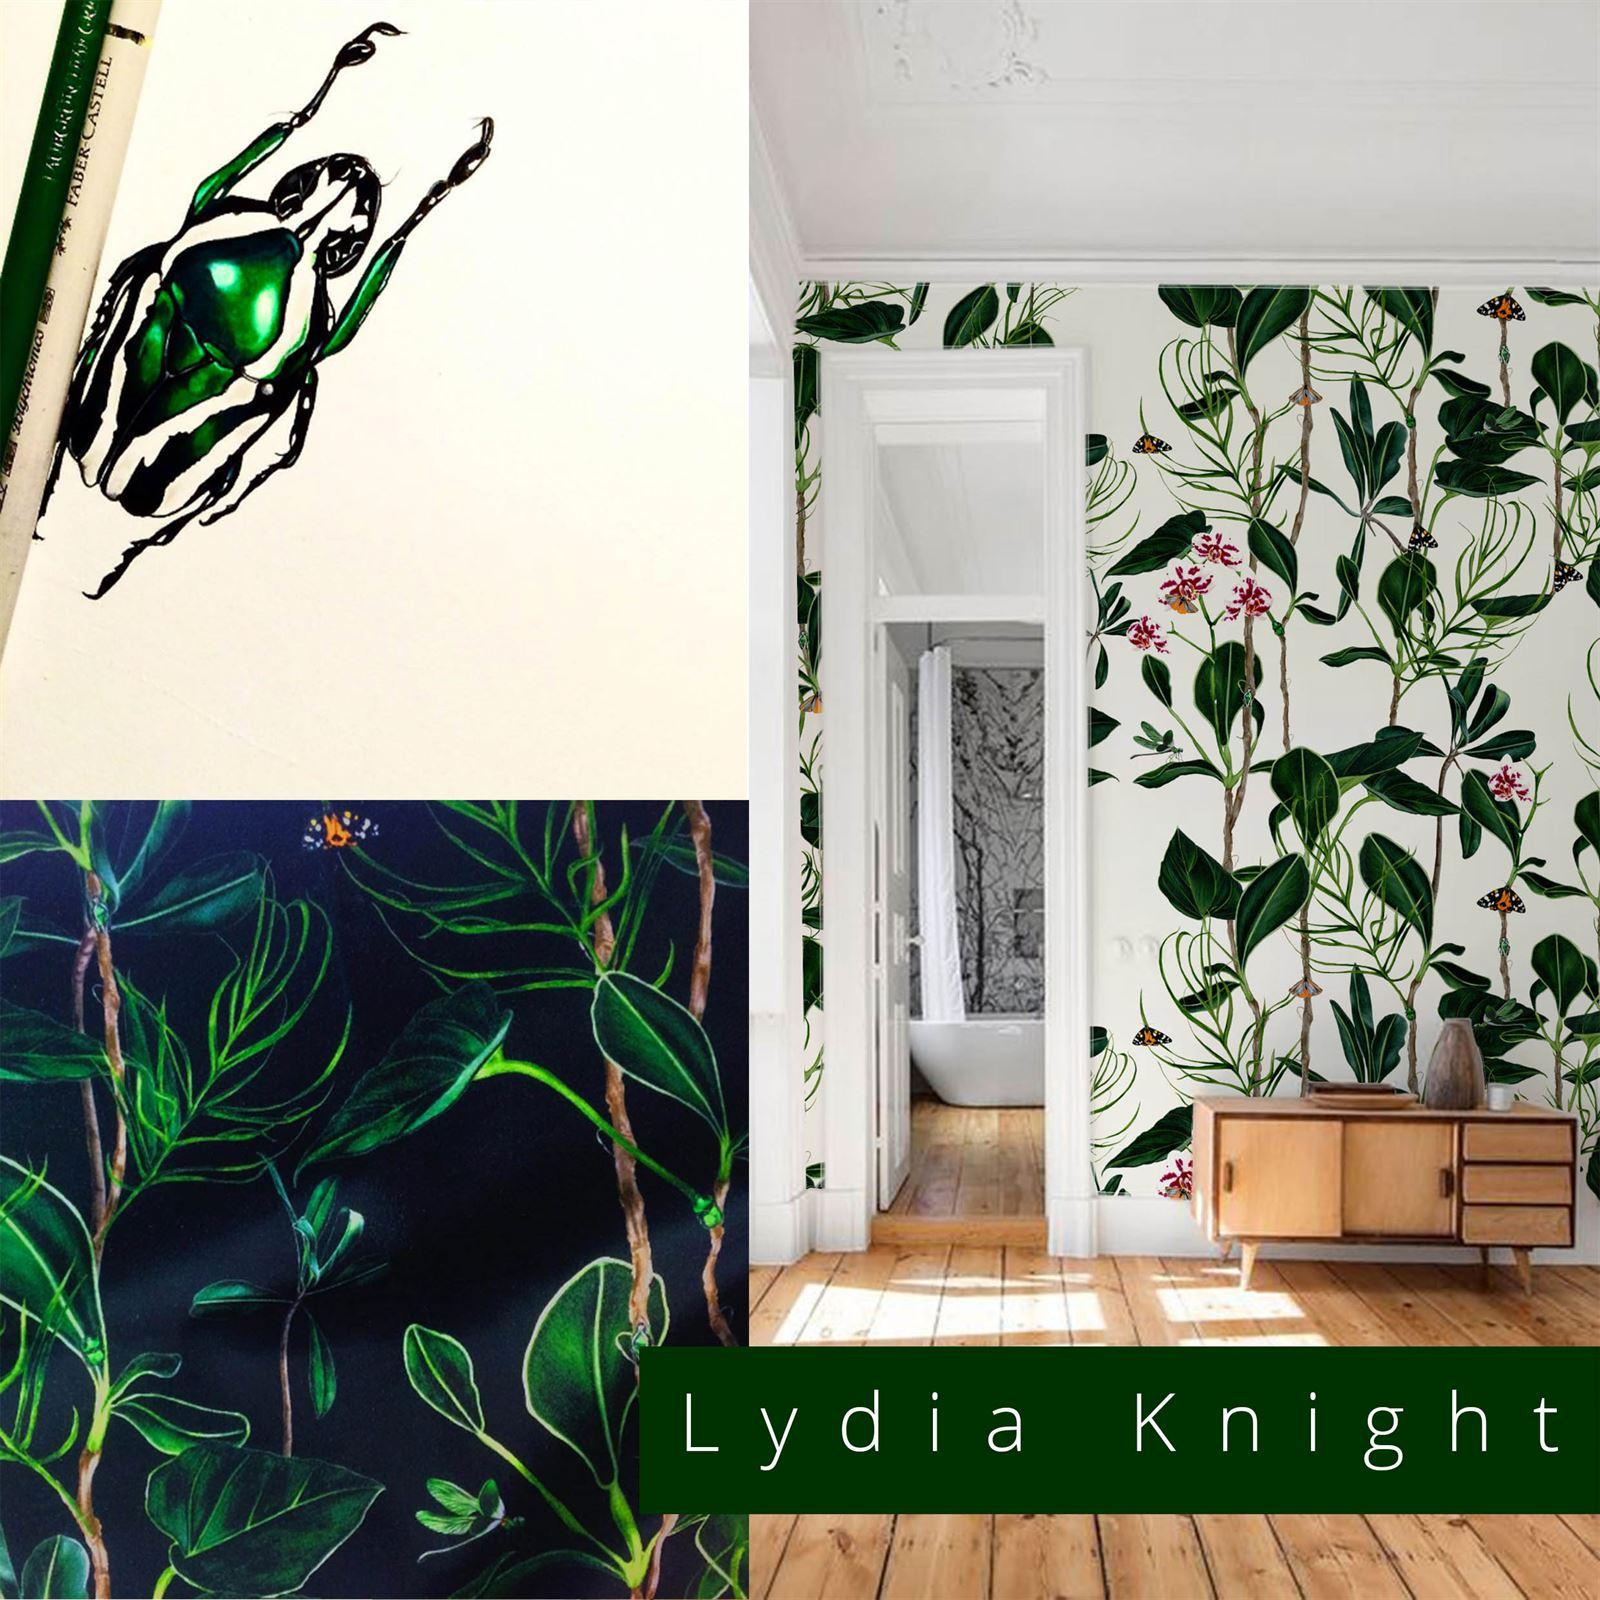 Lydia Knight1